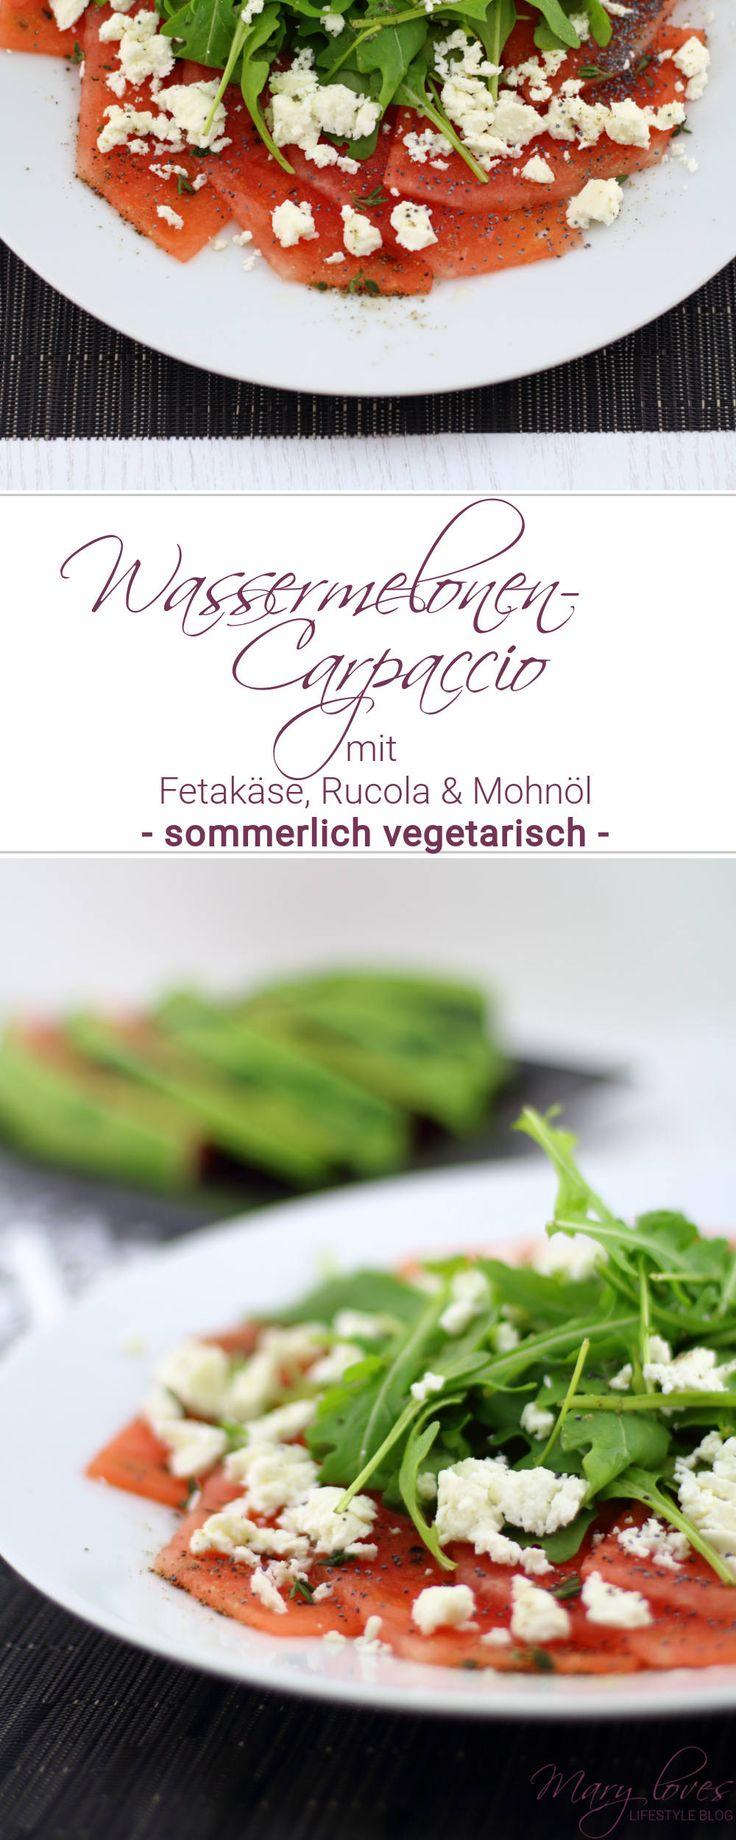 Wassermelonen-Carpaccio mit Fetakäse, Rucola und Mohnöl als sommerliche vegetarische Vorspeise - Rezept für eine Sommer-Vorspeise mit Wassermelone